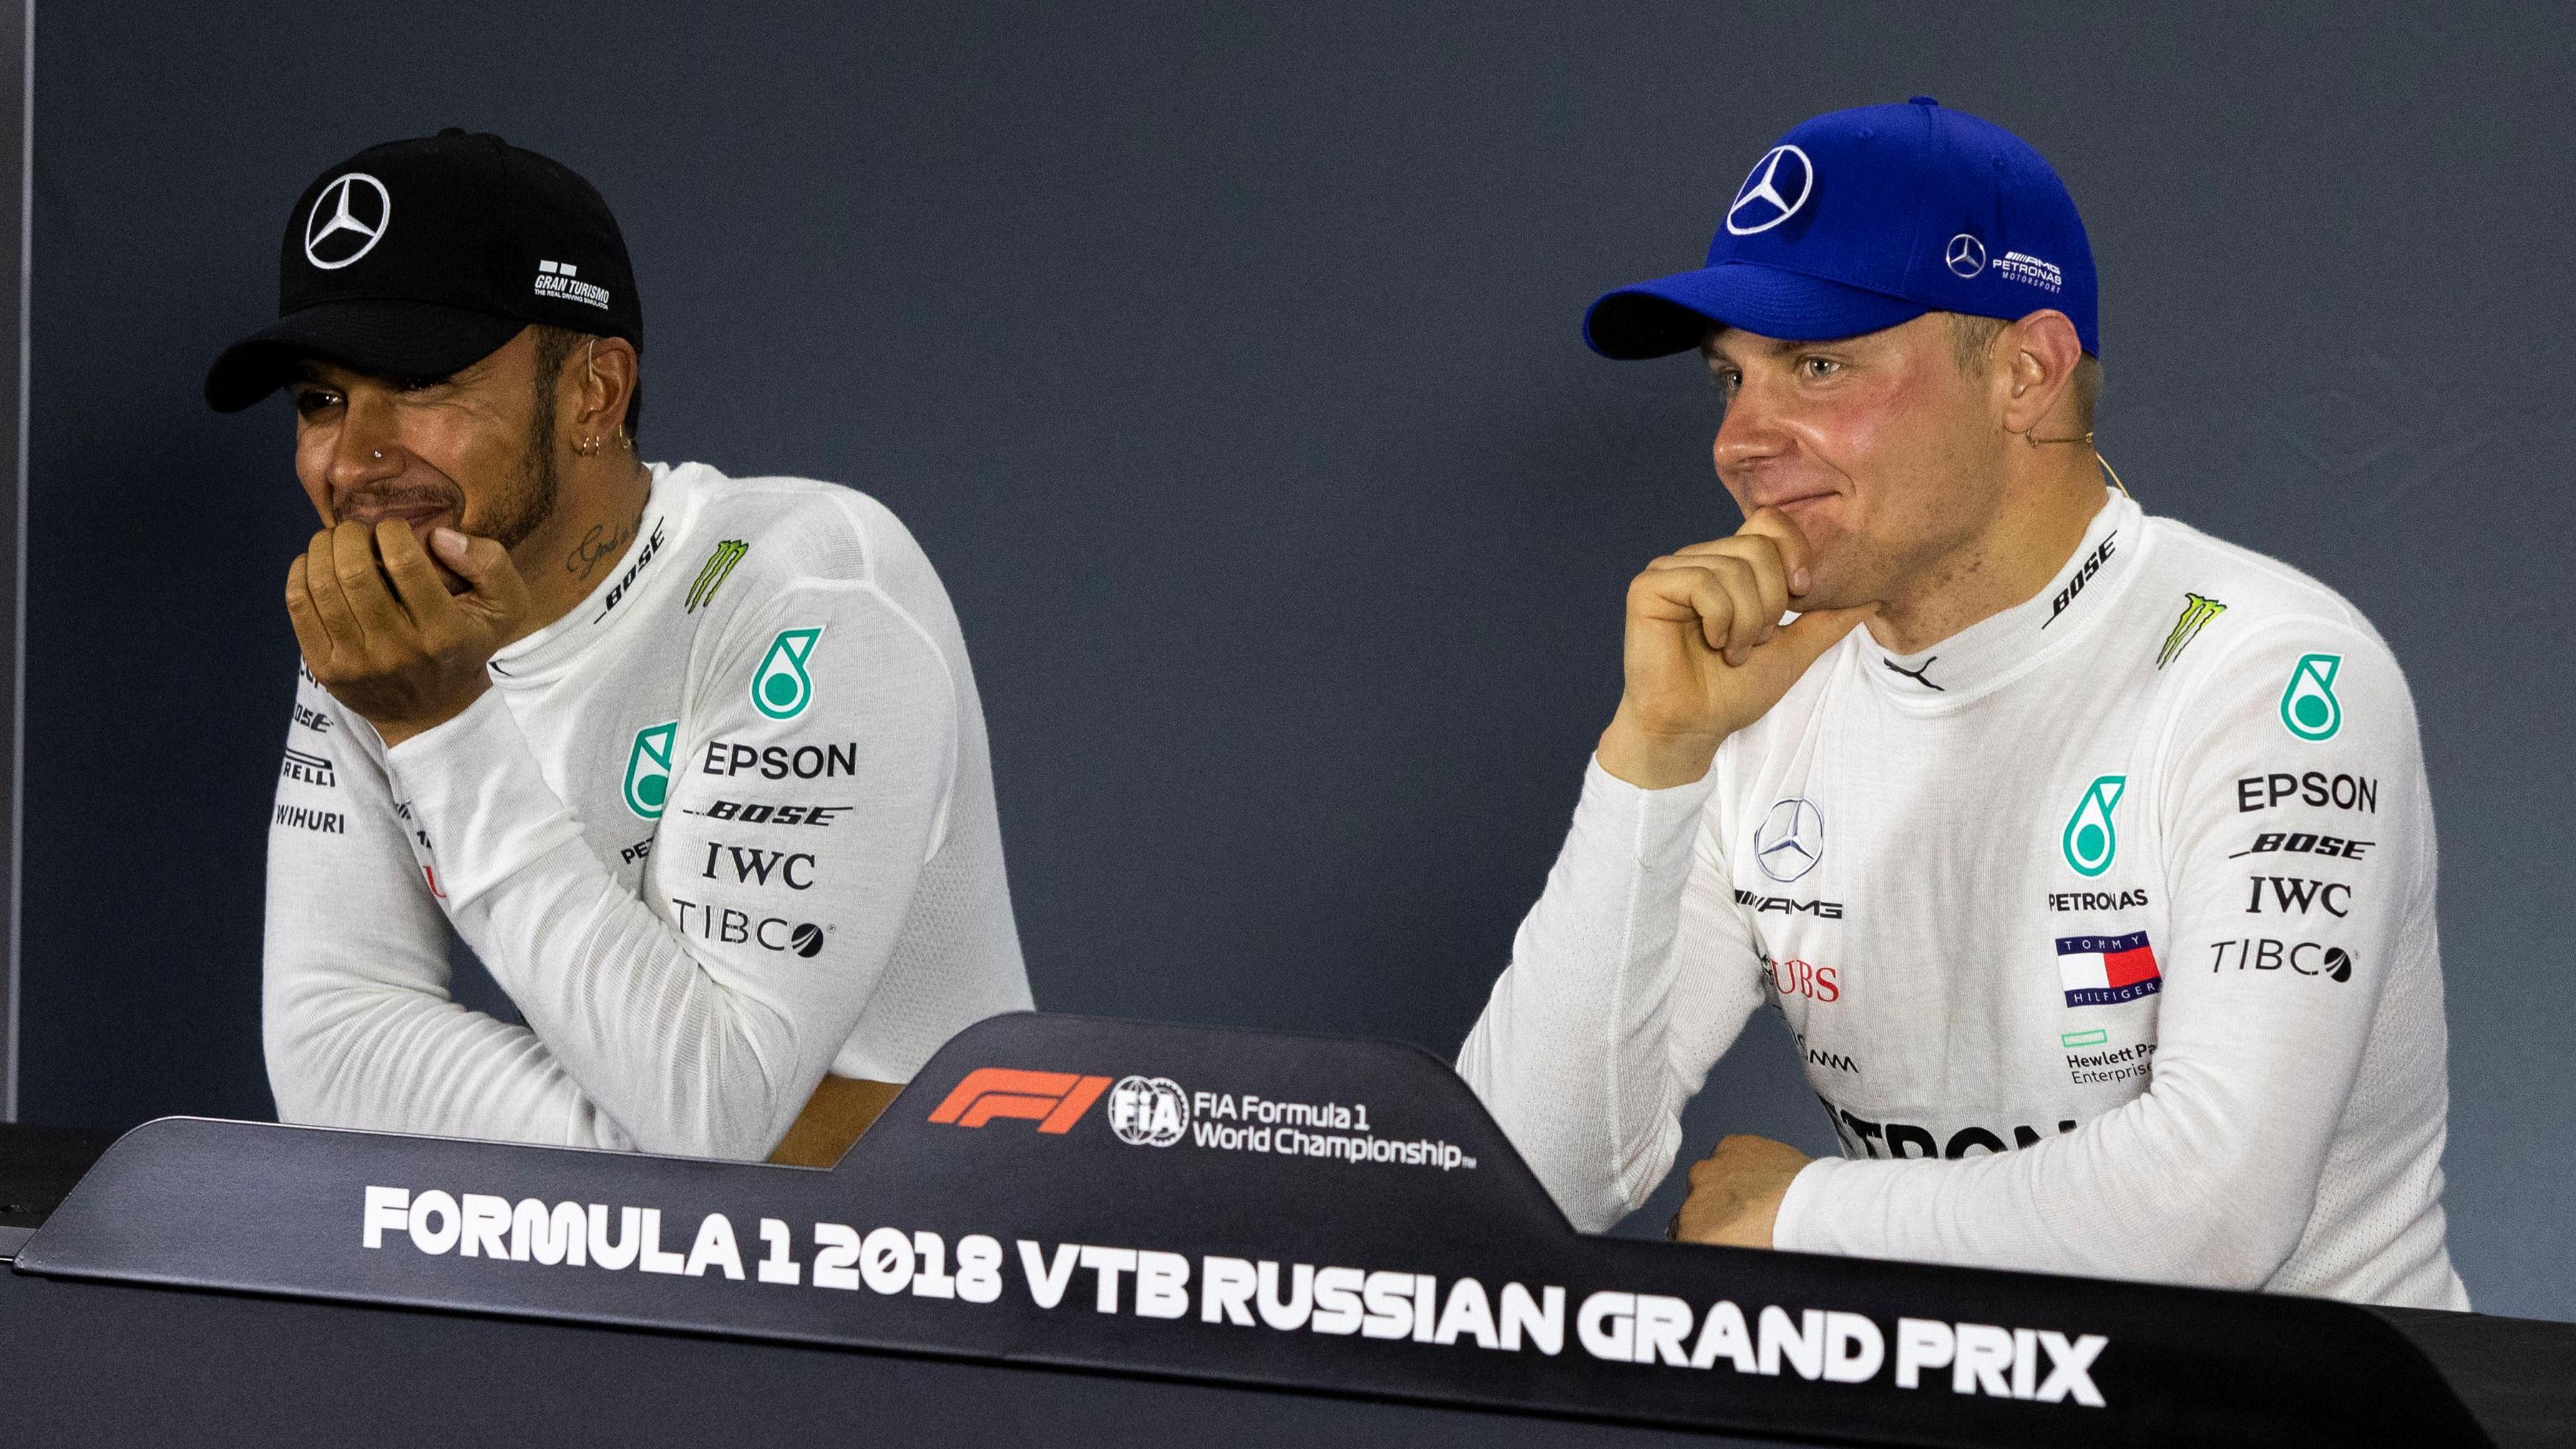 59f3e2e8b5a4a FIA post-qualifying press conference - Russia